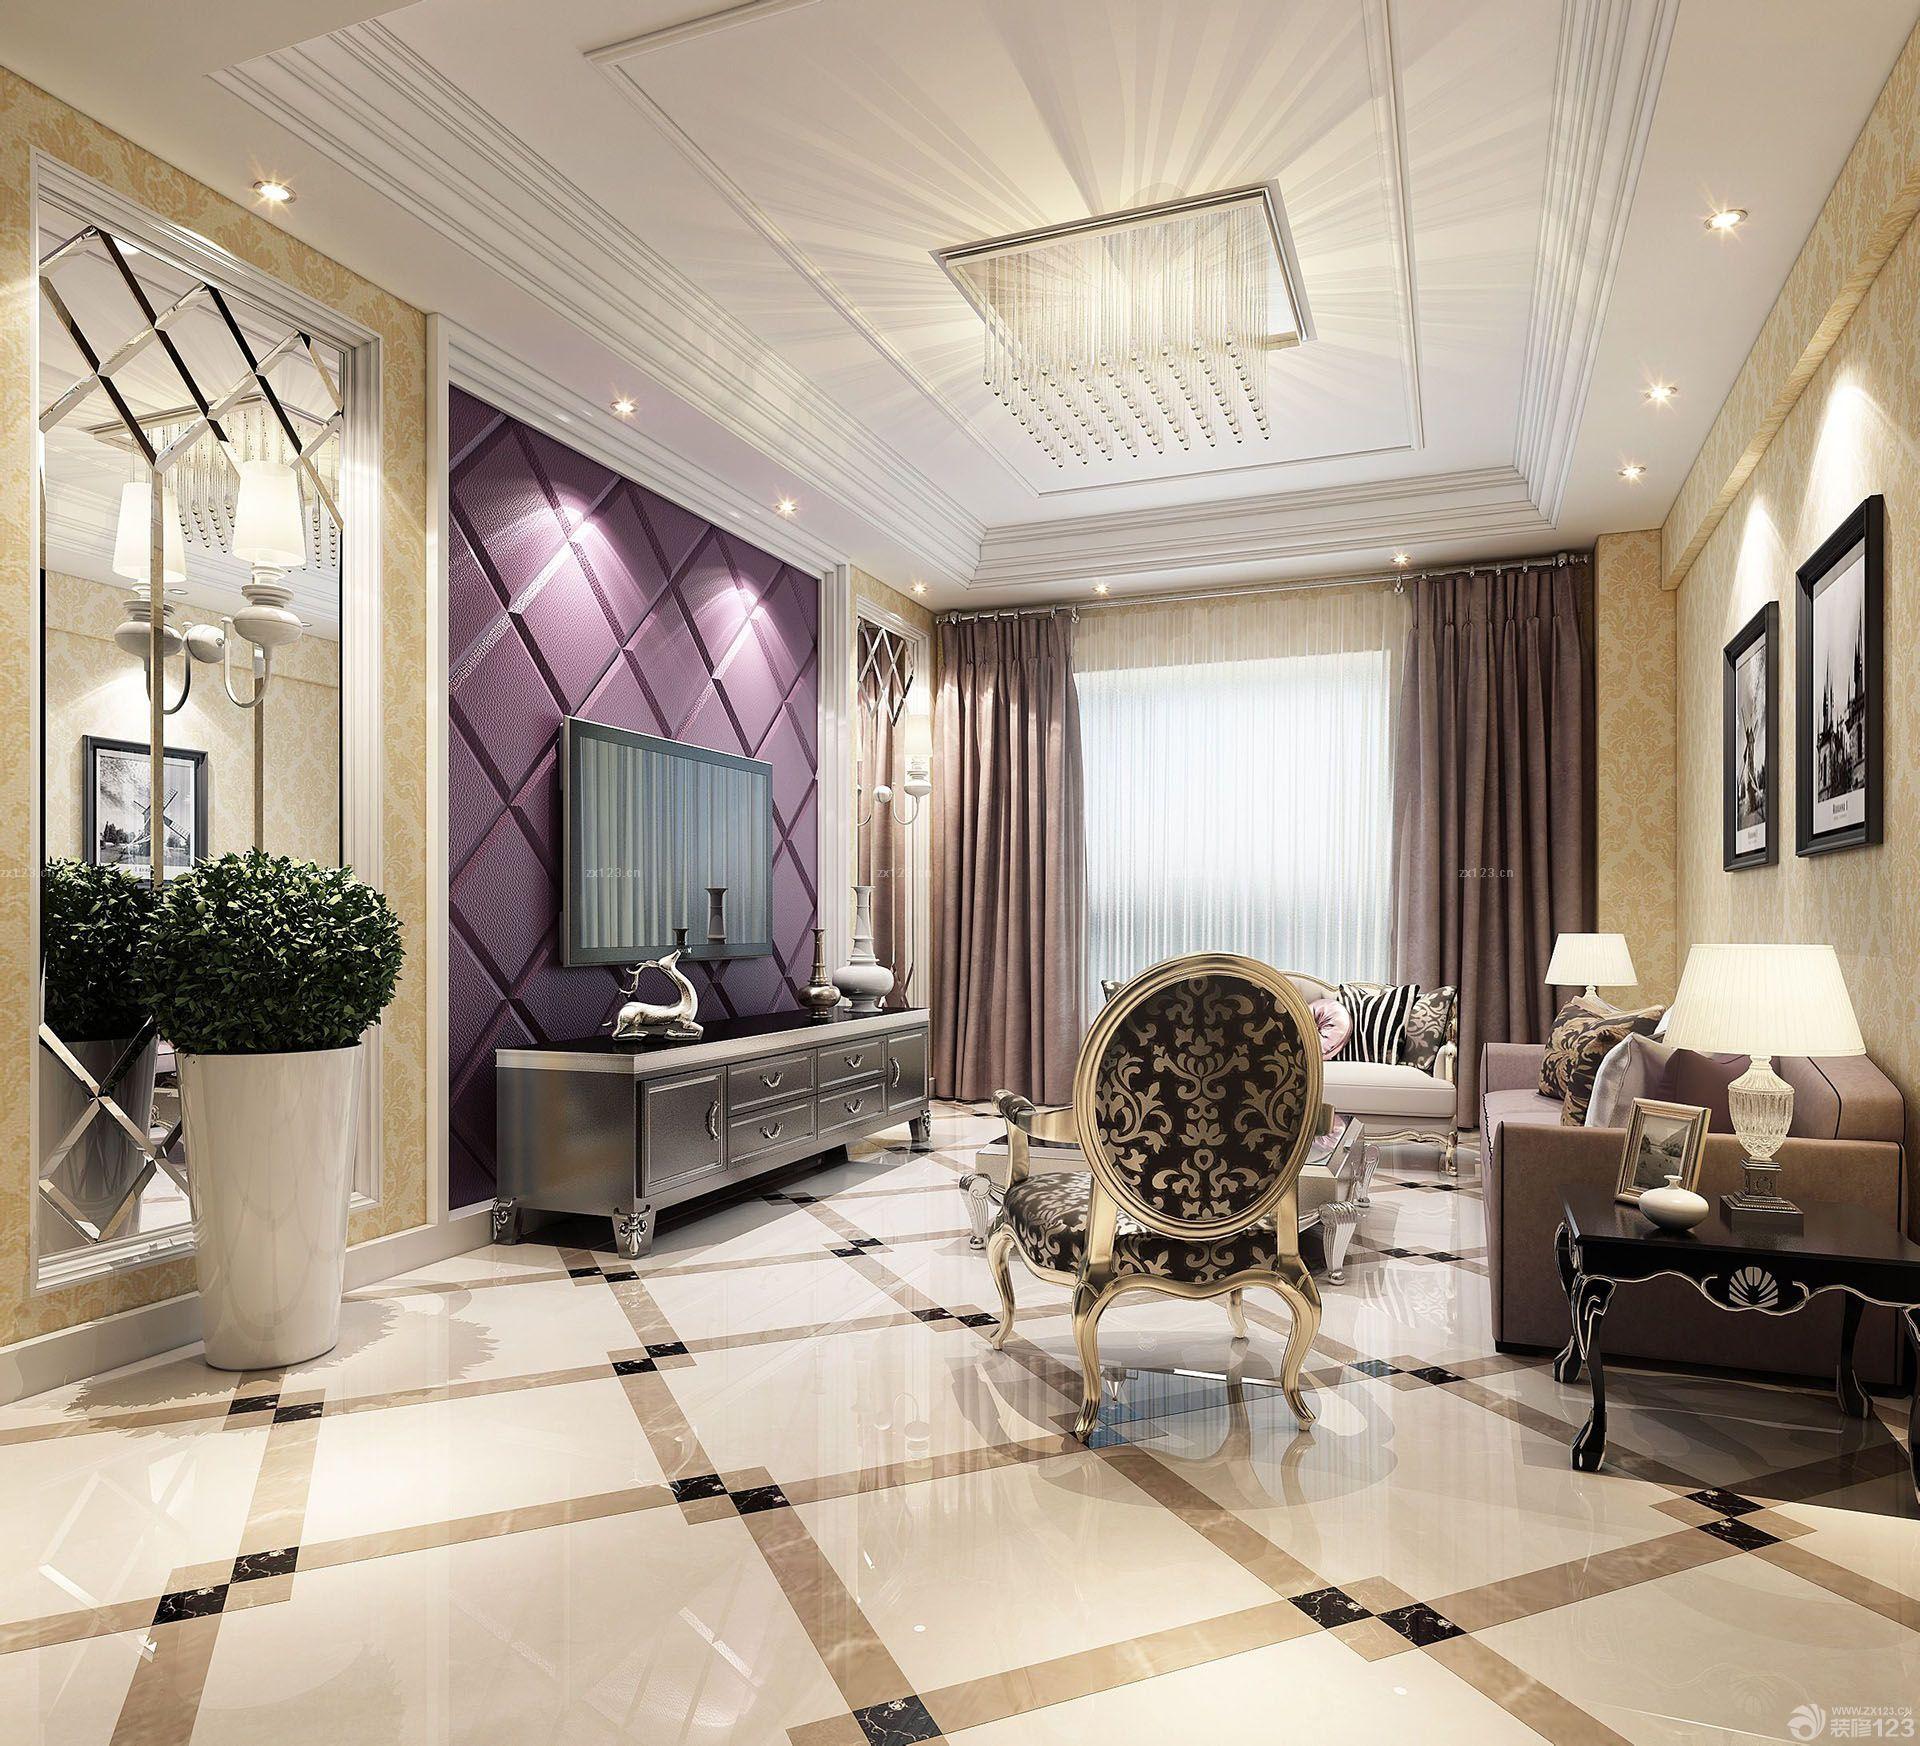 普通家庭欧式古典家具客厅装修效果图